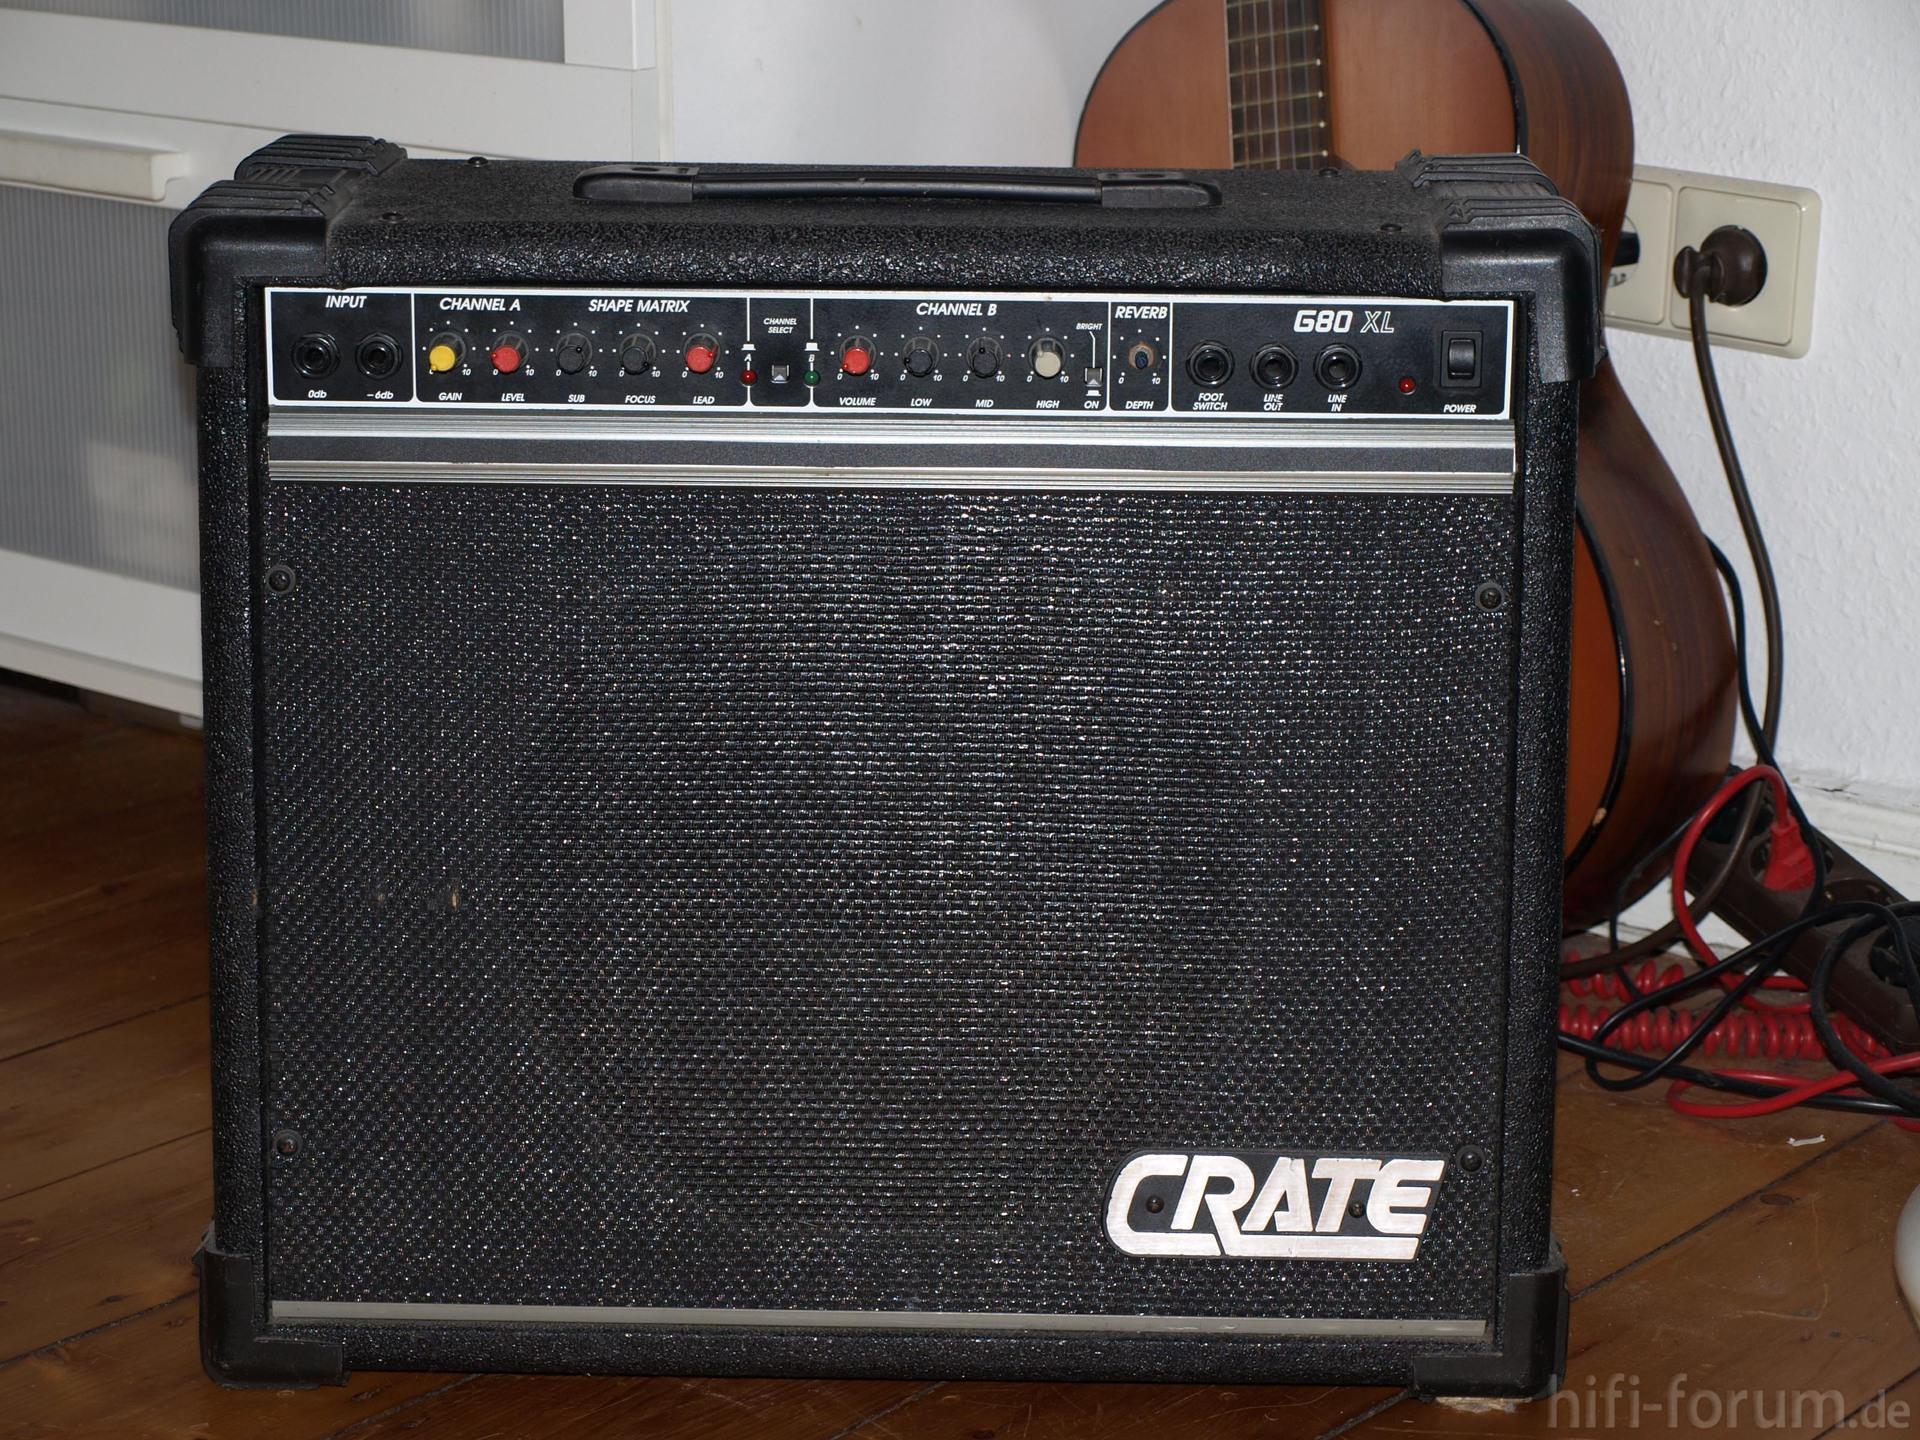 crate gitarrenverst rker hifi bildergalerie. Black Bedroom Furniture Sets. Home Design Ideas